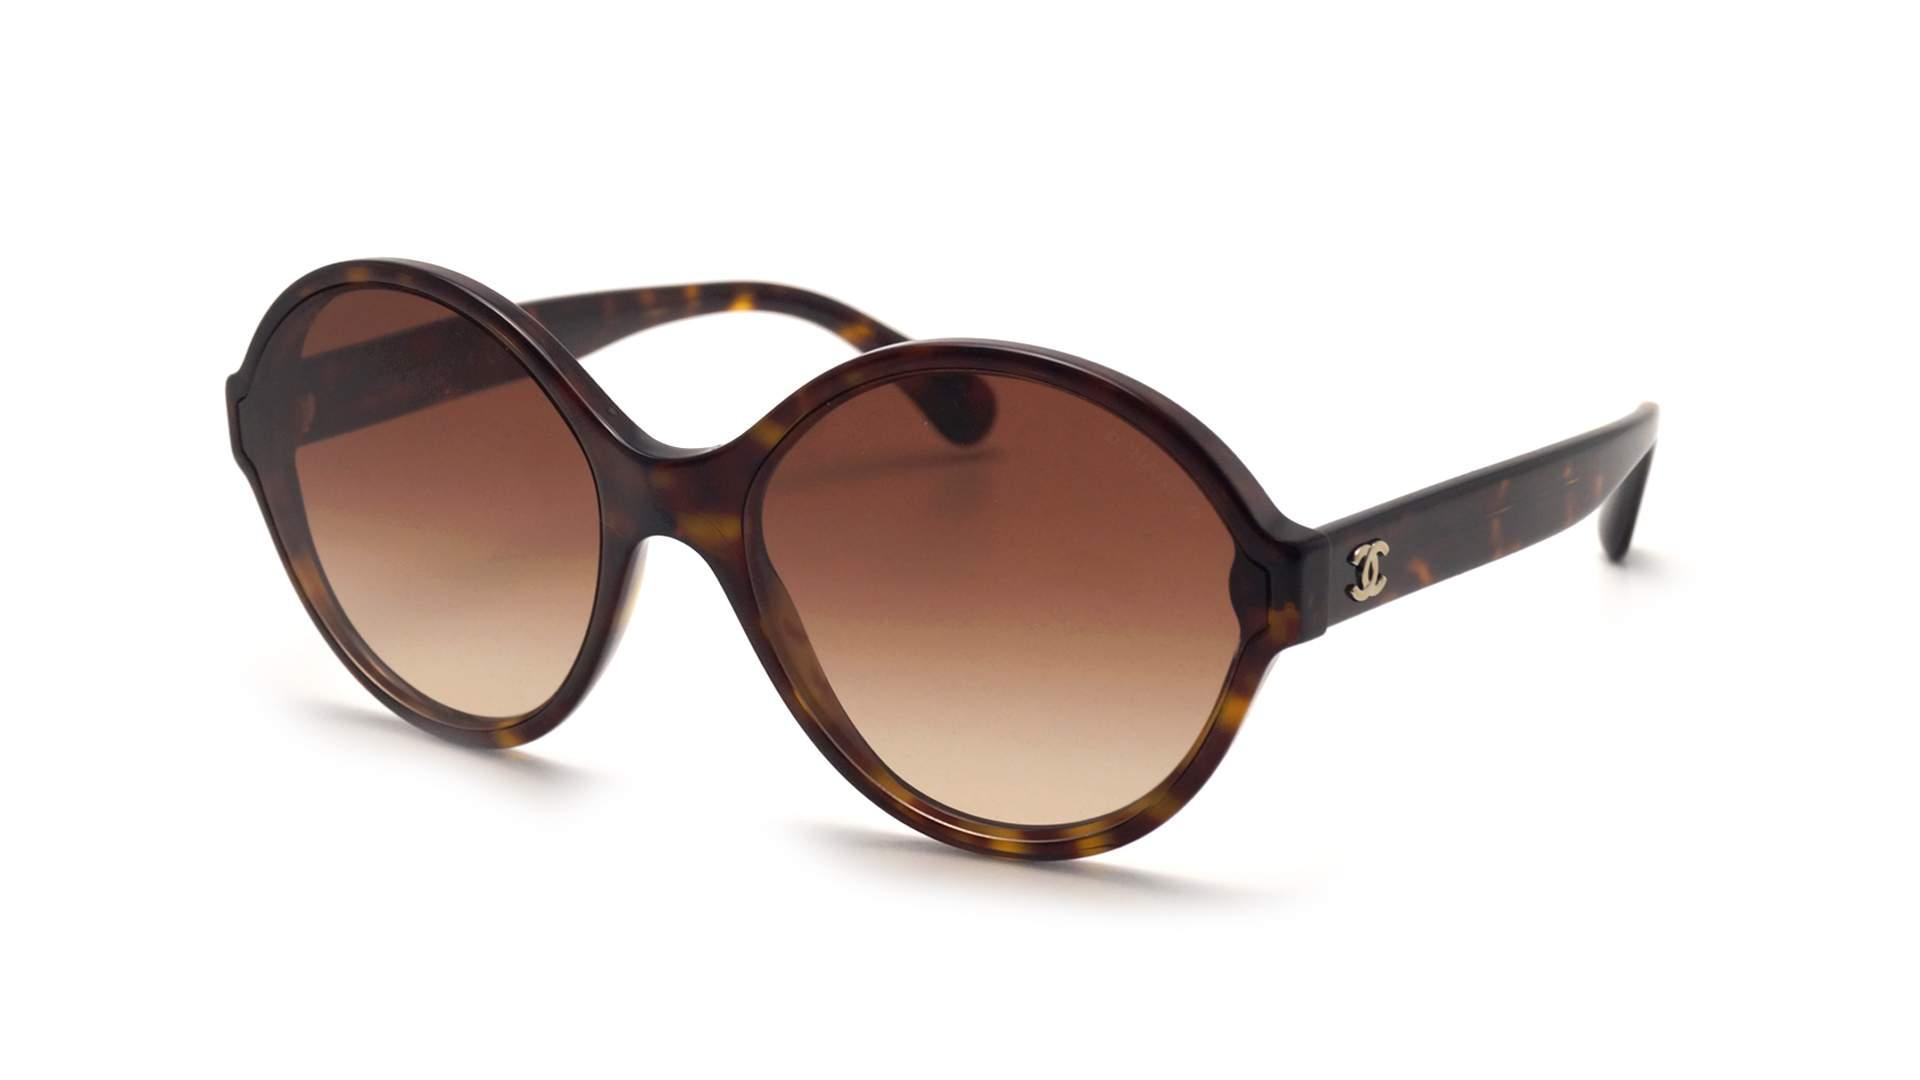 6b48e325fa1 Sunglasses Chanel CH5387 C714 S5 58-17 Tortoise Medium Gradient